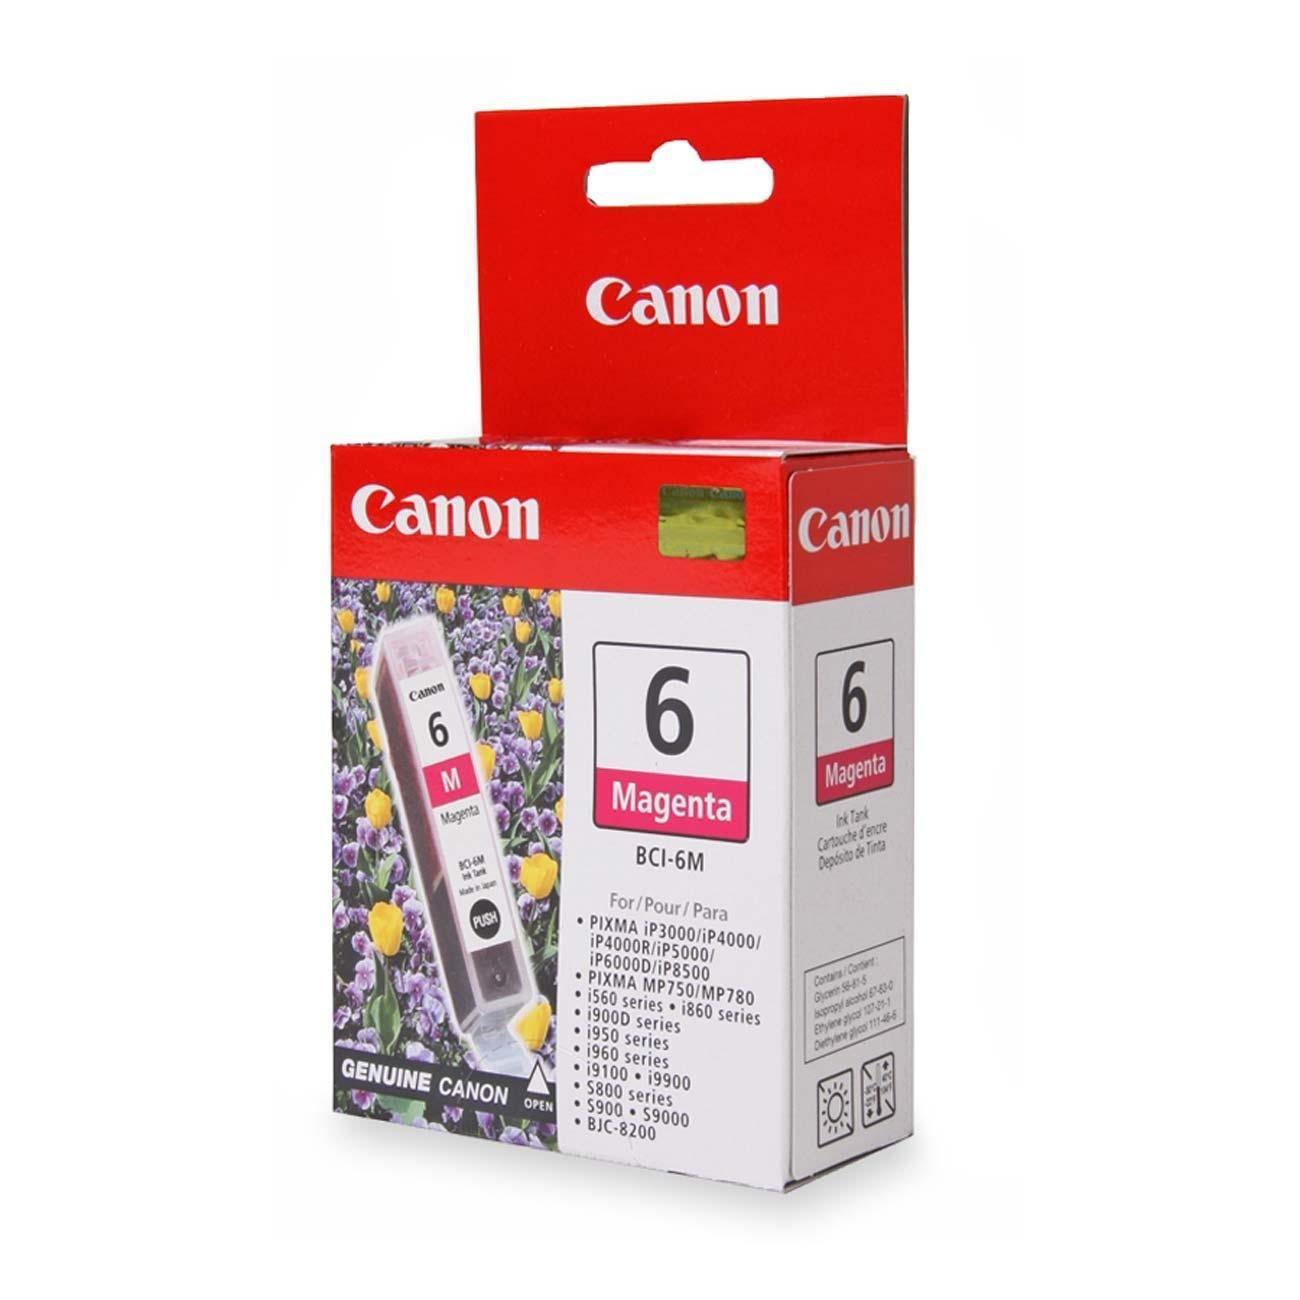 Canon BCI-6M Original Ink Cartridge - Magenta